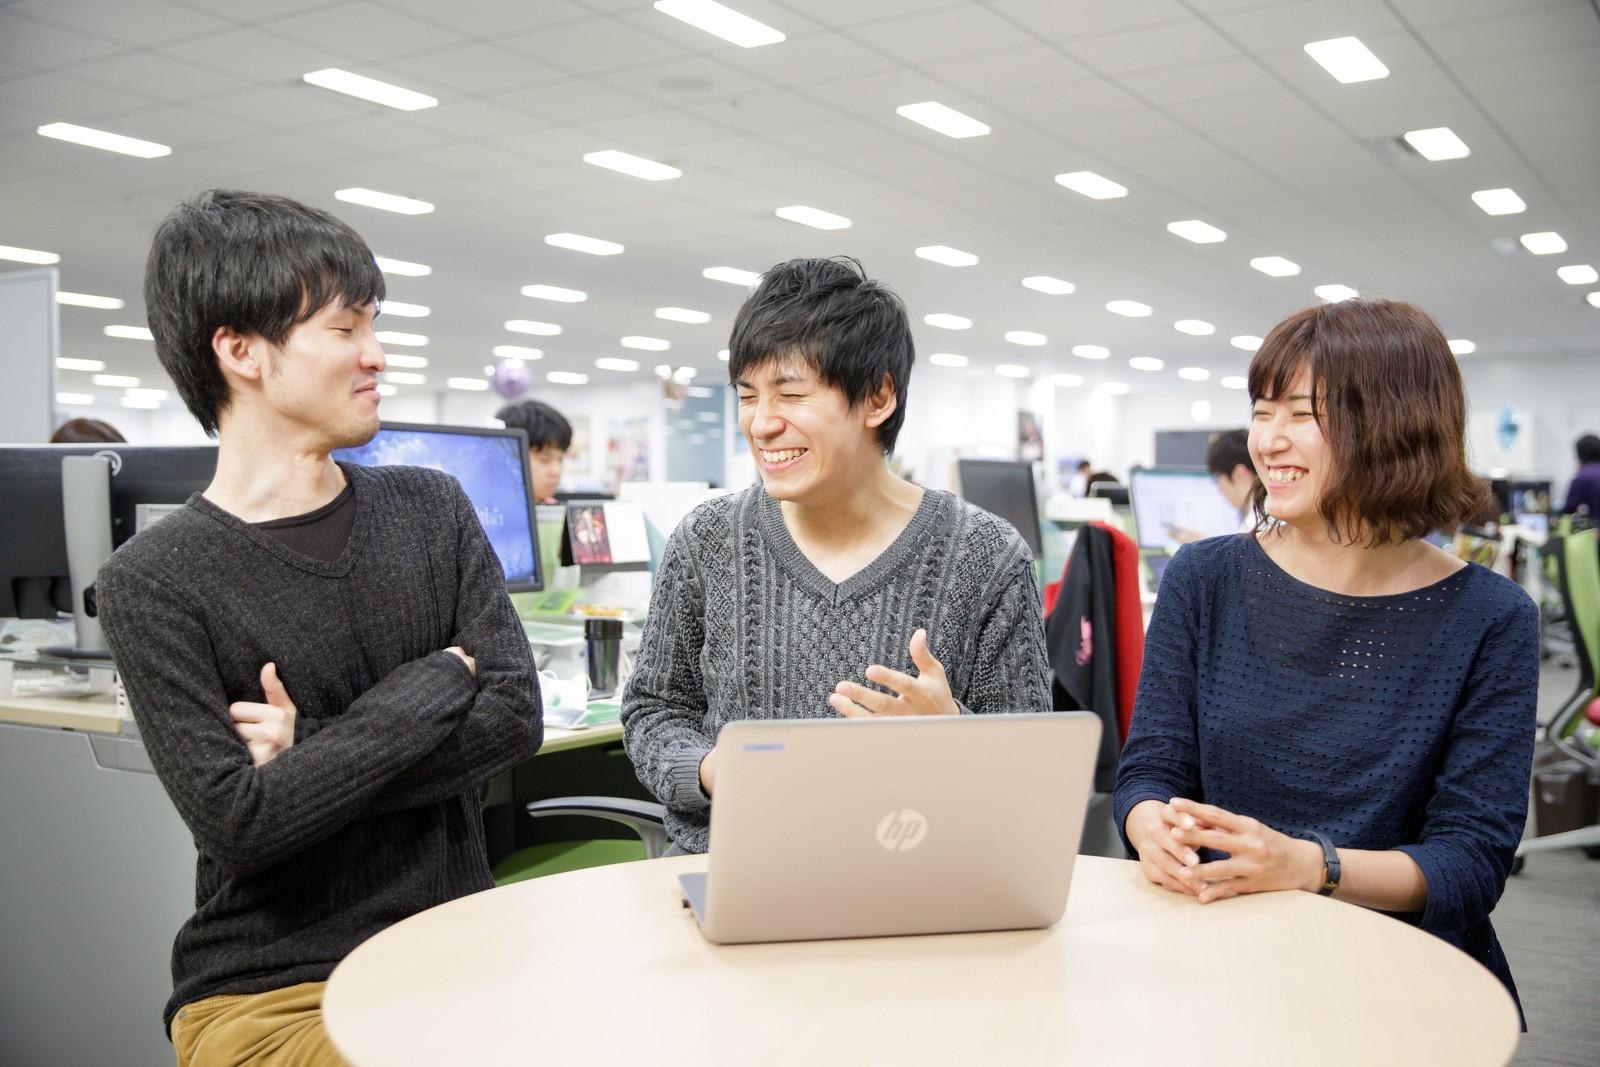 【上場ゲーム会社】自社開発ソーシャルロールプレイングゲームのサーバーサイドエンジニアを増員中!